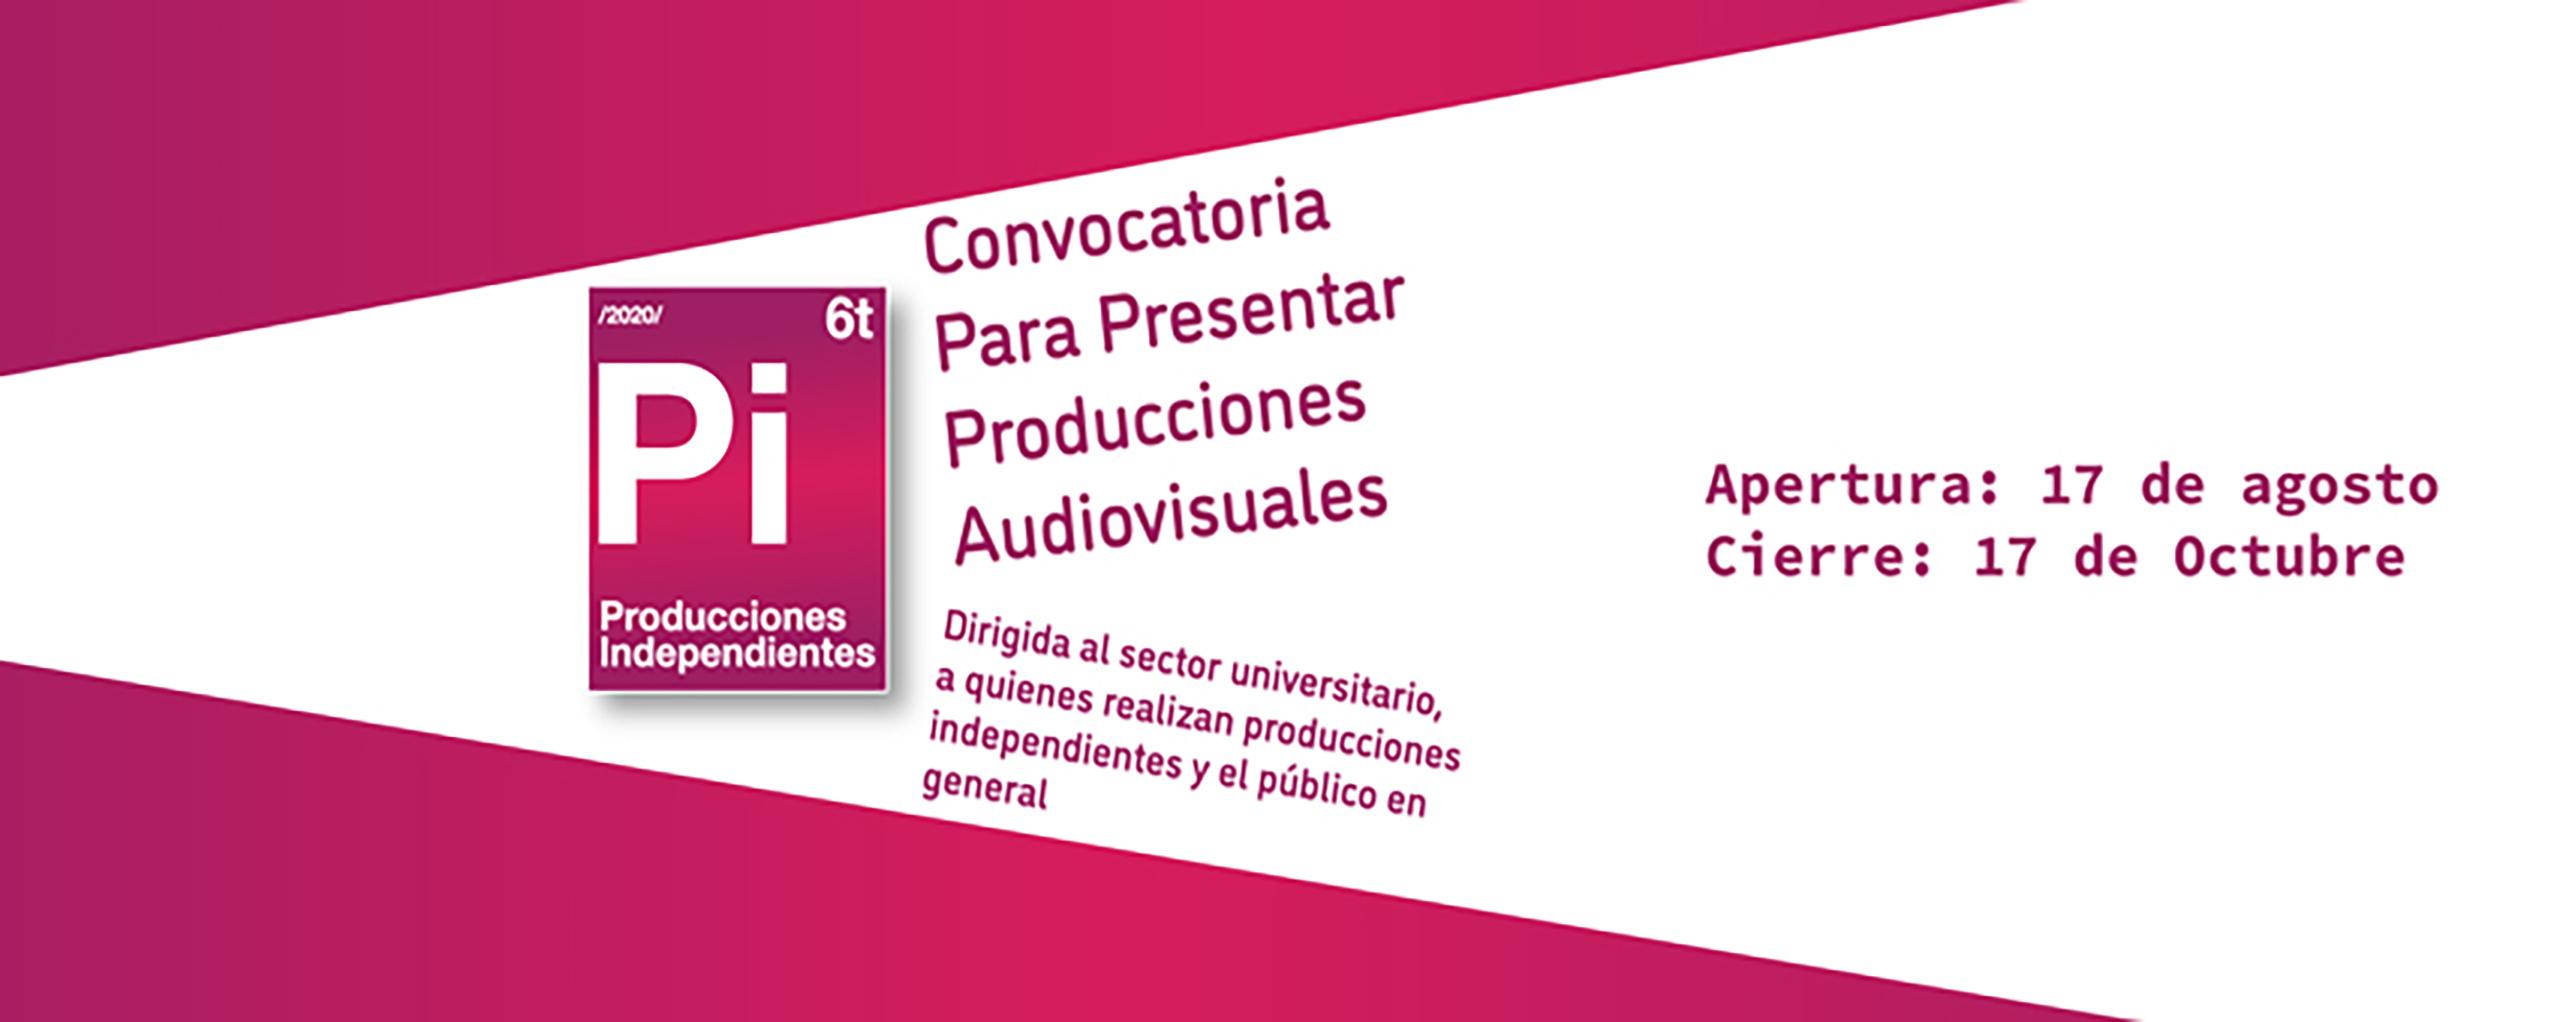 Convocatoria Producciones Independientes 2020